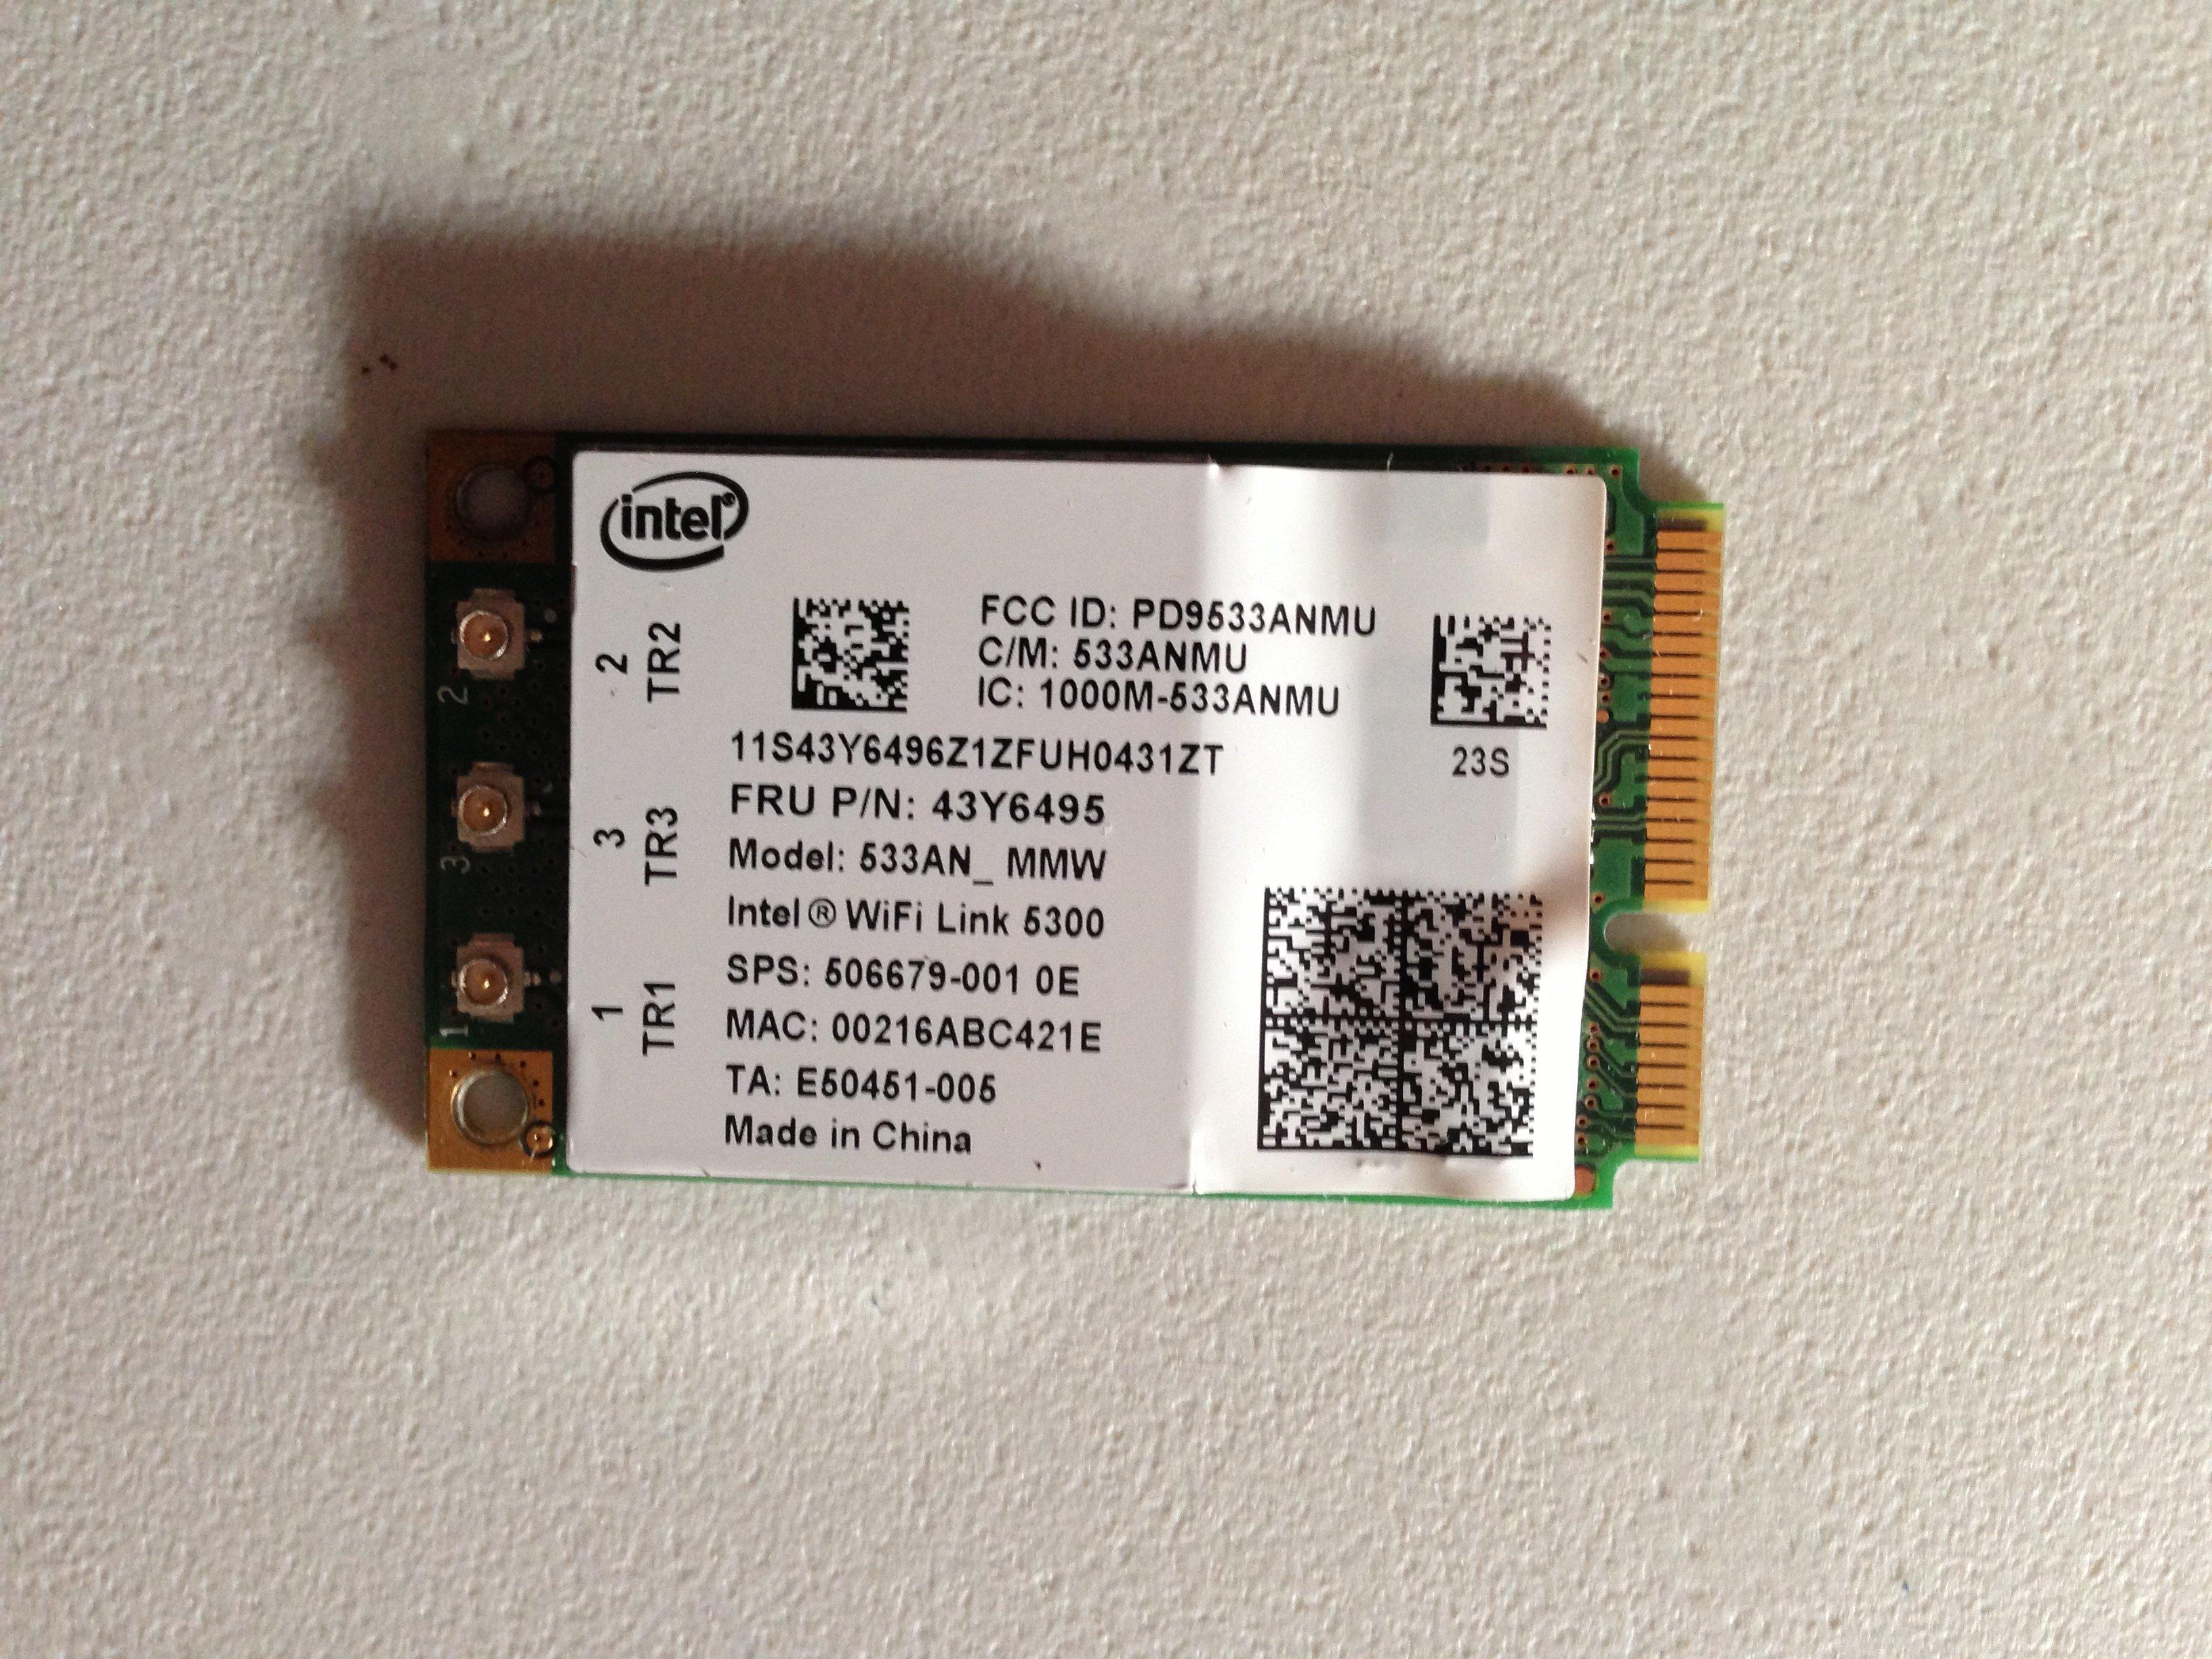 Removing the HP Elitebook 6930p WLAN Module - iFixit Repair